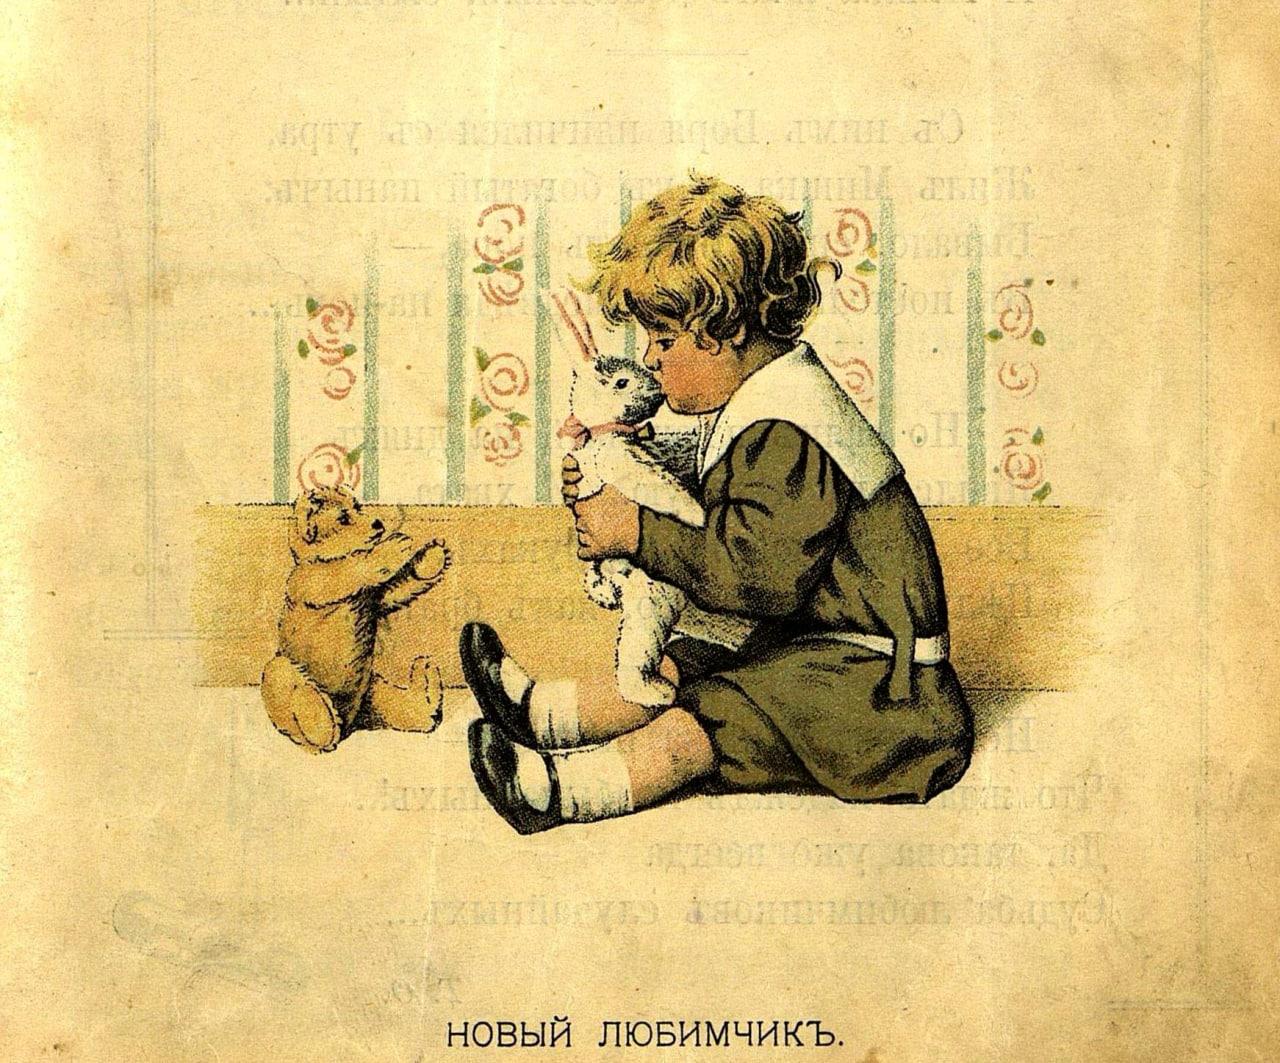 novyy-lyubimchik-kogda-yavilsya-plyushevyy-medvedy-to-vse-igrushki-byli